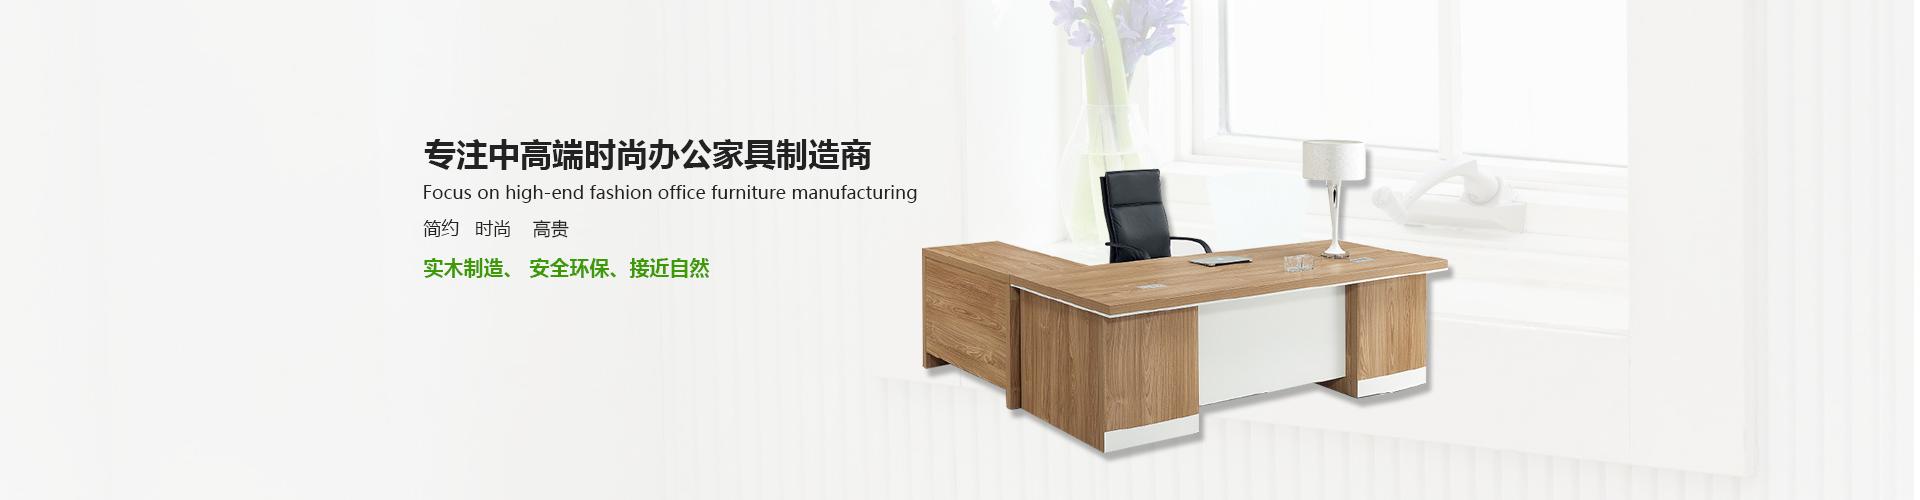 惠州订制家具